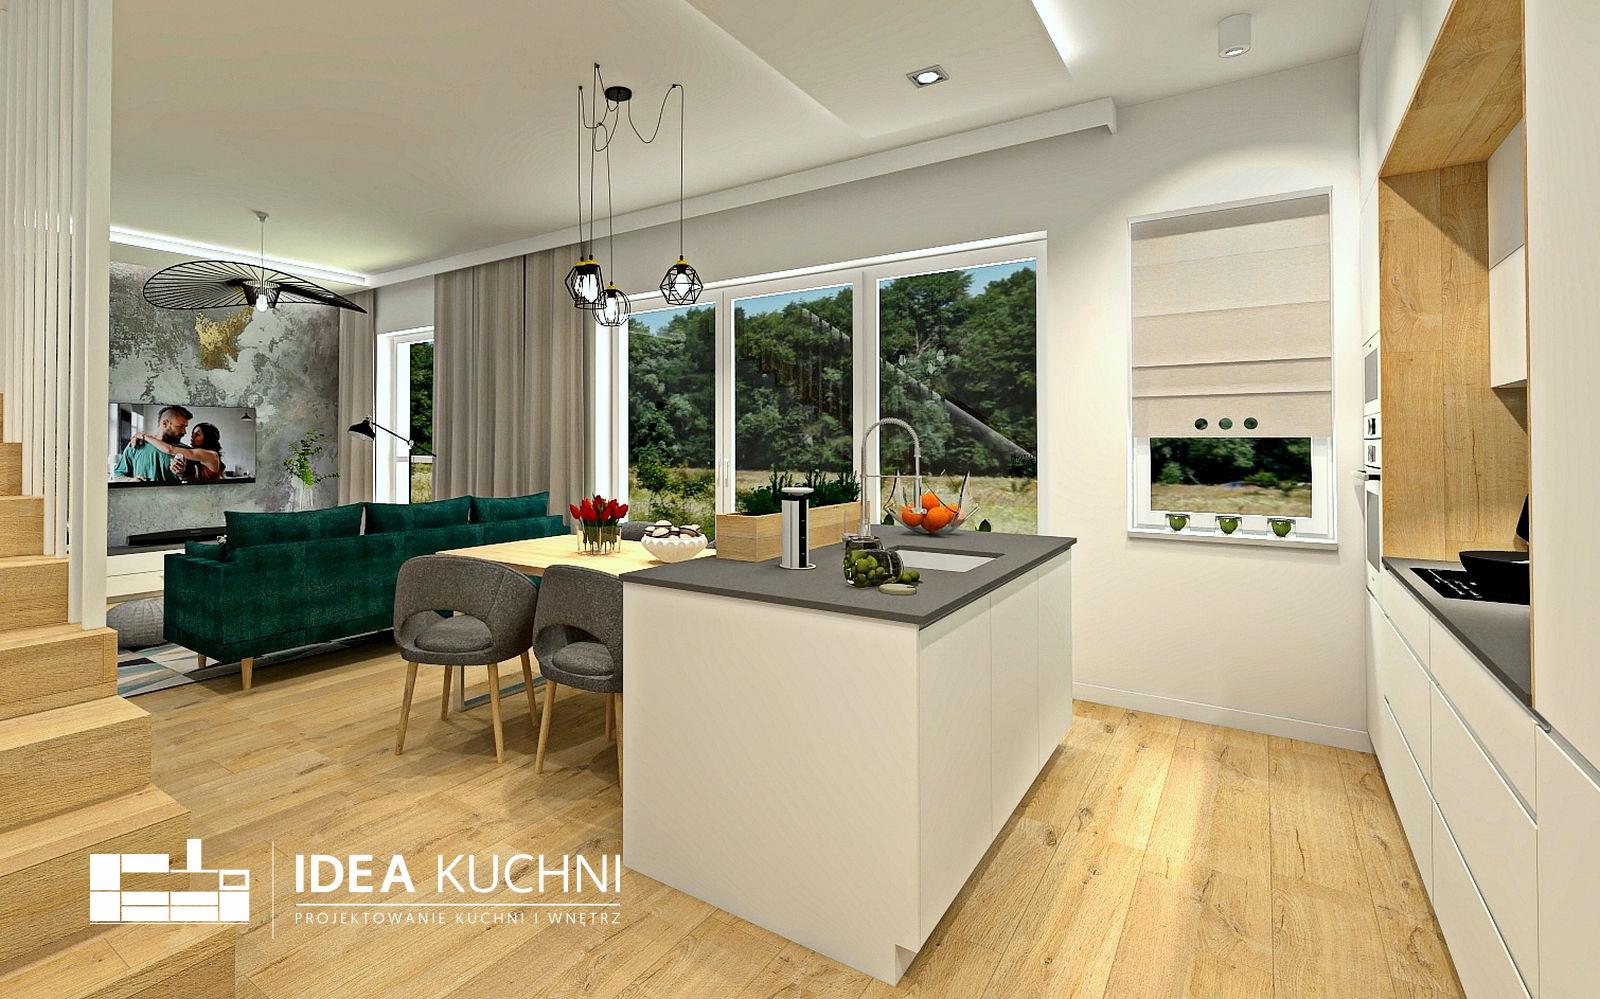 kuchnia-i-salon-zielonki-kuchnia-biala-kuchnia-nowoczesna-kuchnia-z-mdf